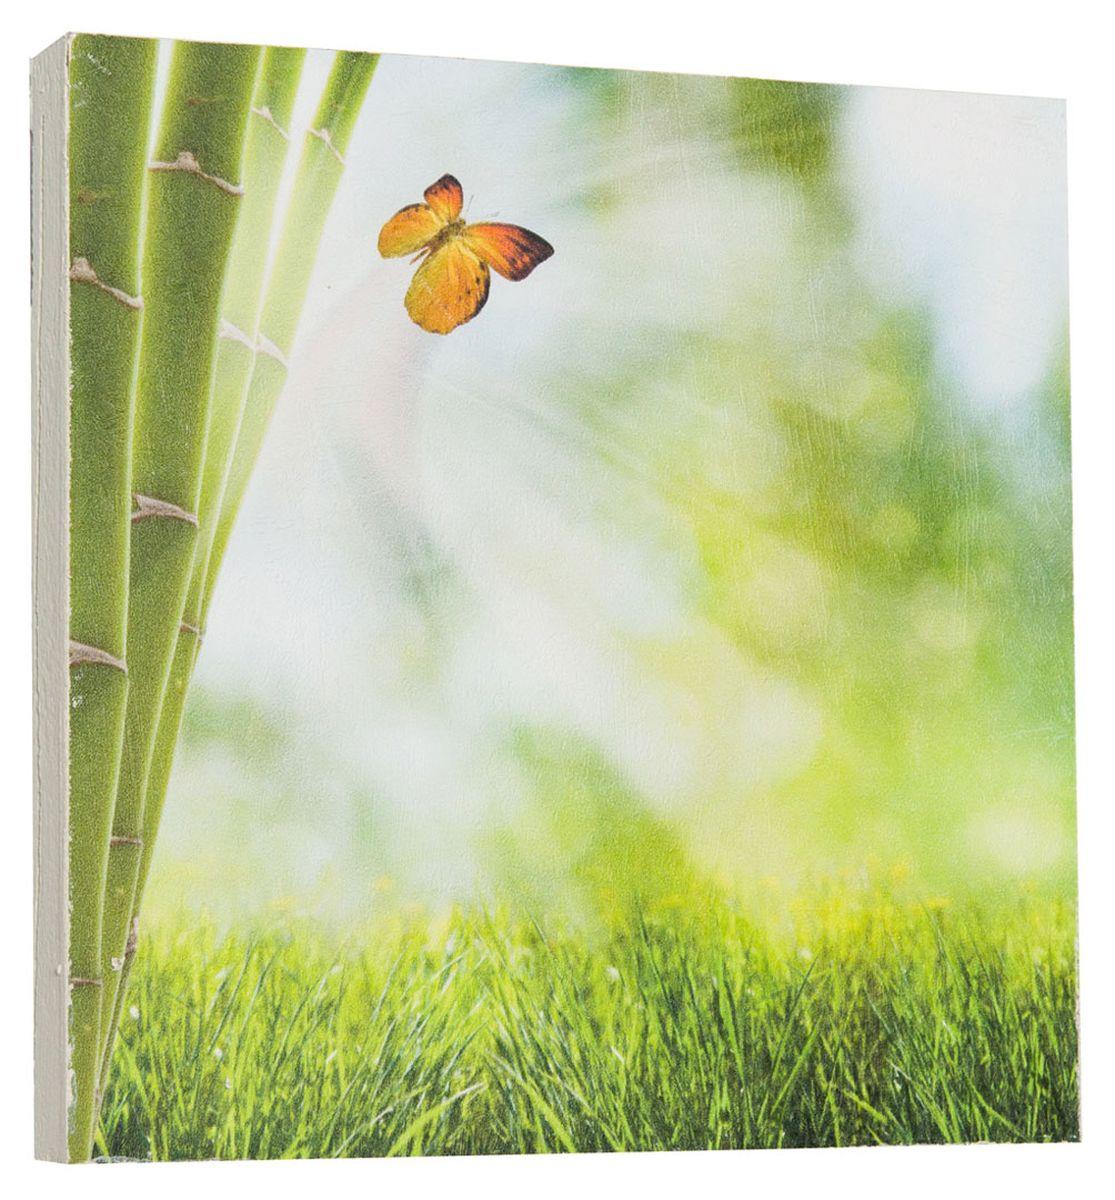 Картина Mister Poster Яркая бабочка на бамбуке, 22 х 22 см0266-22-22Картина Mister Poster - это высококачественная репродукция на деревянной раме. Лицевая поверхность имитирует штукатурку или натуральный холст, края окрашены вручную специальным декоративным составом. Современные технологии, уникальное оборудование и оригинальные чернила, используемые при изготовлении, делают постер устойчивым к выцветанию, а также гарантируют стойкость к воздействию негативных внешних факторов. Интерьер дома и офиса, в котором находится человек, в значительной степени влияет на его настроение и работоспособность. Правильное оформление интерьера создает благоприятный психологический климат, улучшает настроение и мотивирует. Добавьте «красок» в ваш интерьер и, возможно, в вашу жизнь.